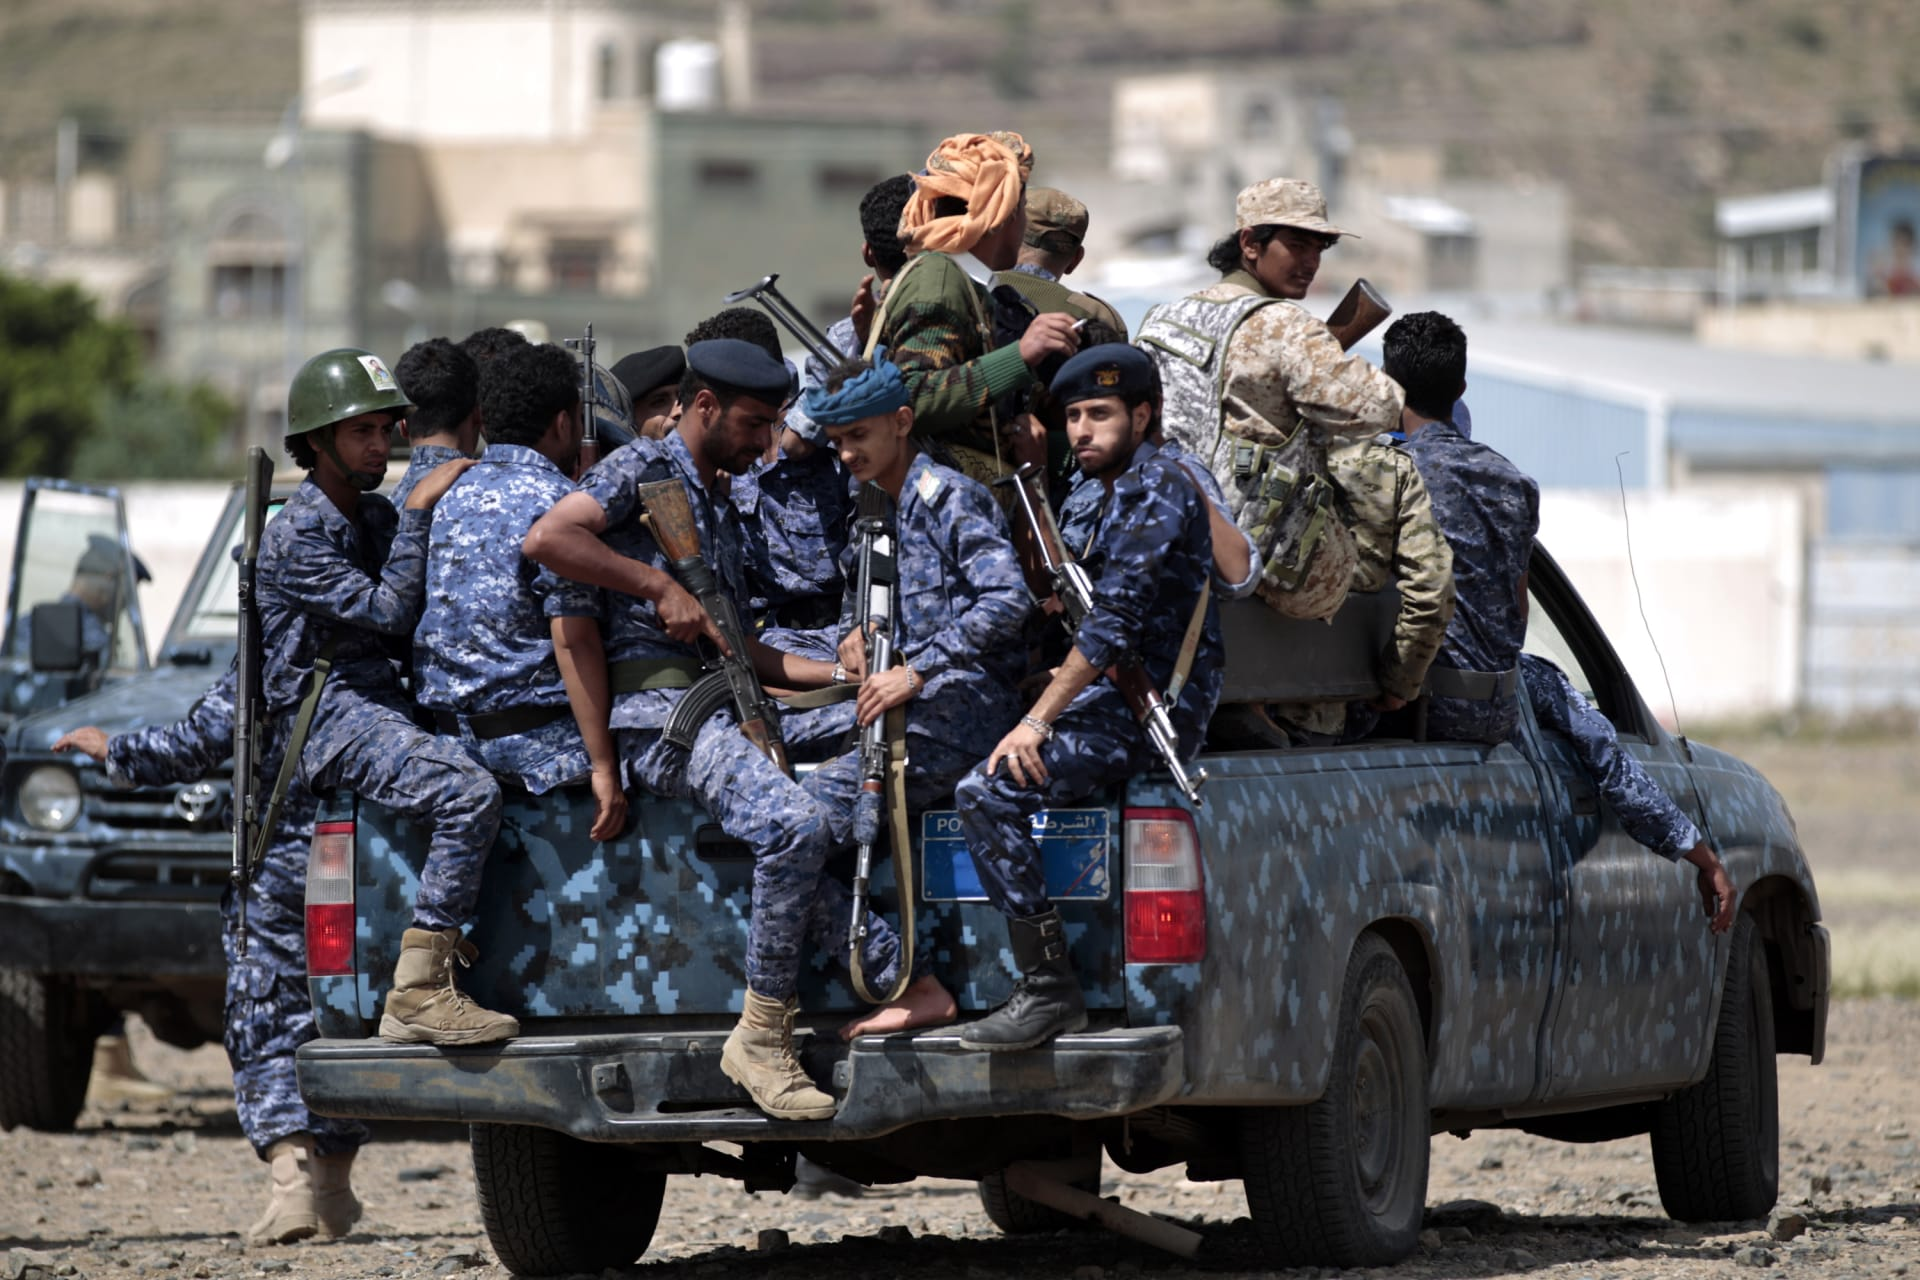 الحوثيون يعلنون سقوط 3 ألوية لقوات التحالف وأسر مئات العسكريين السعوديين